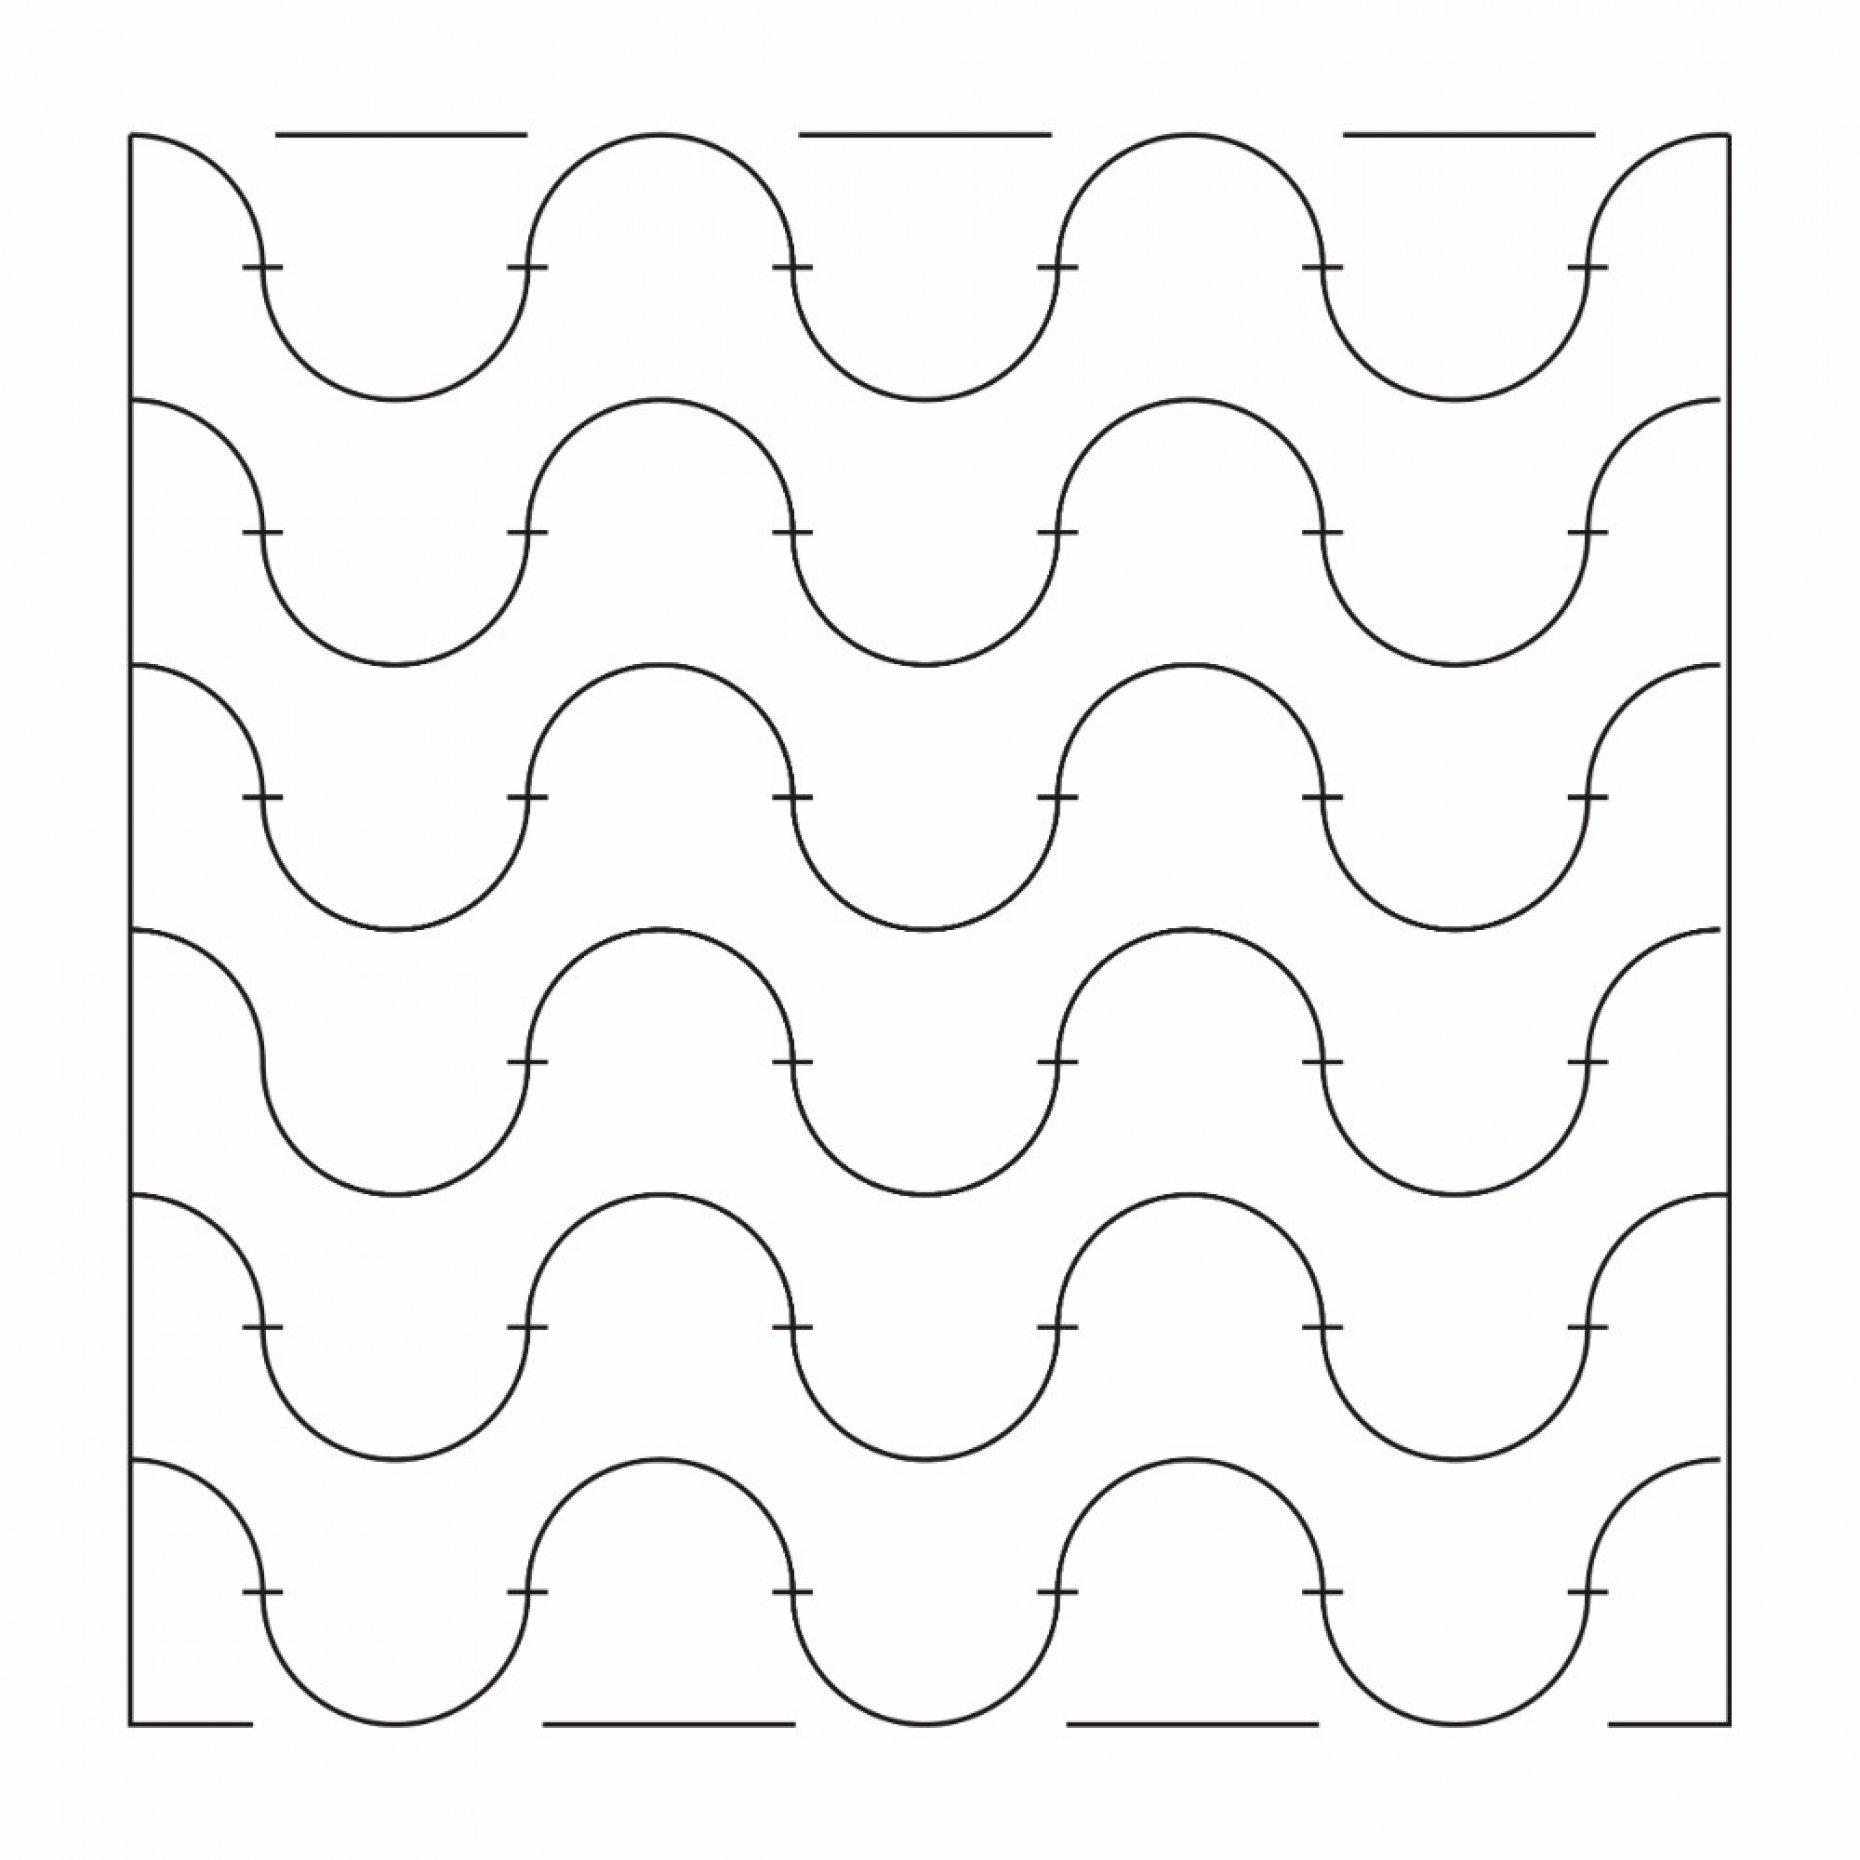 NGM1 Mertz 36 Point Pattern